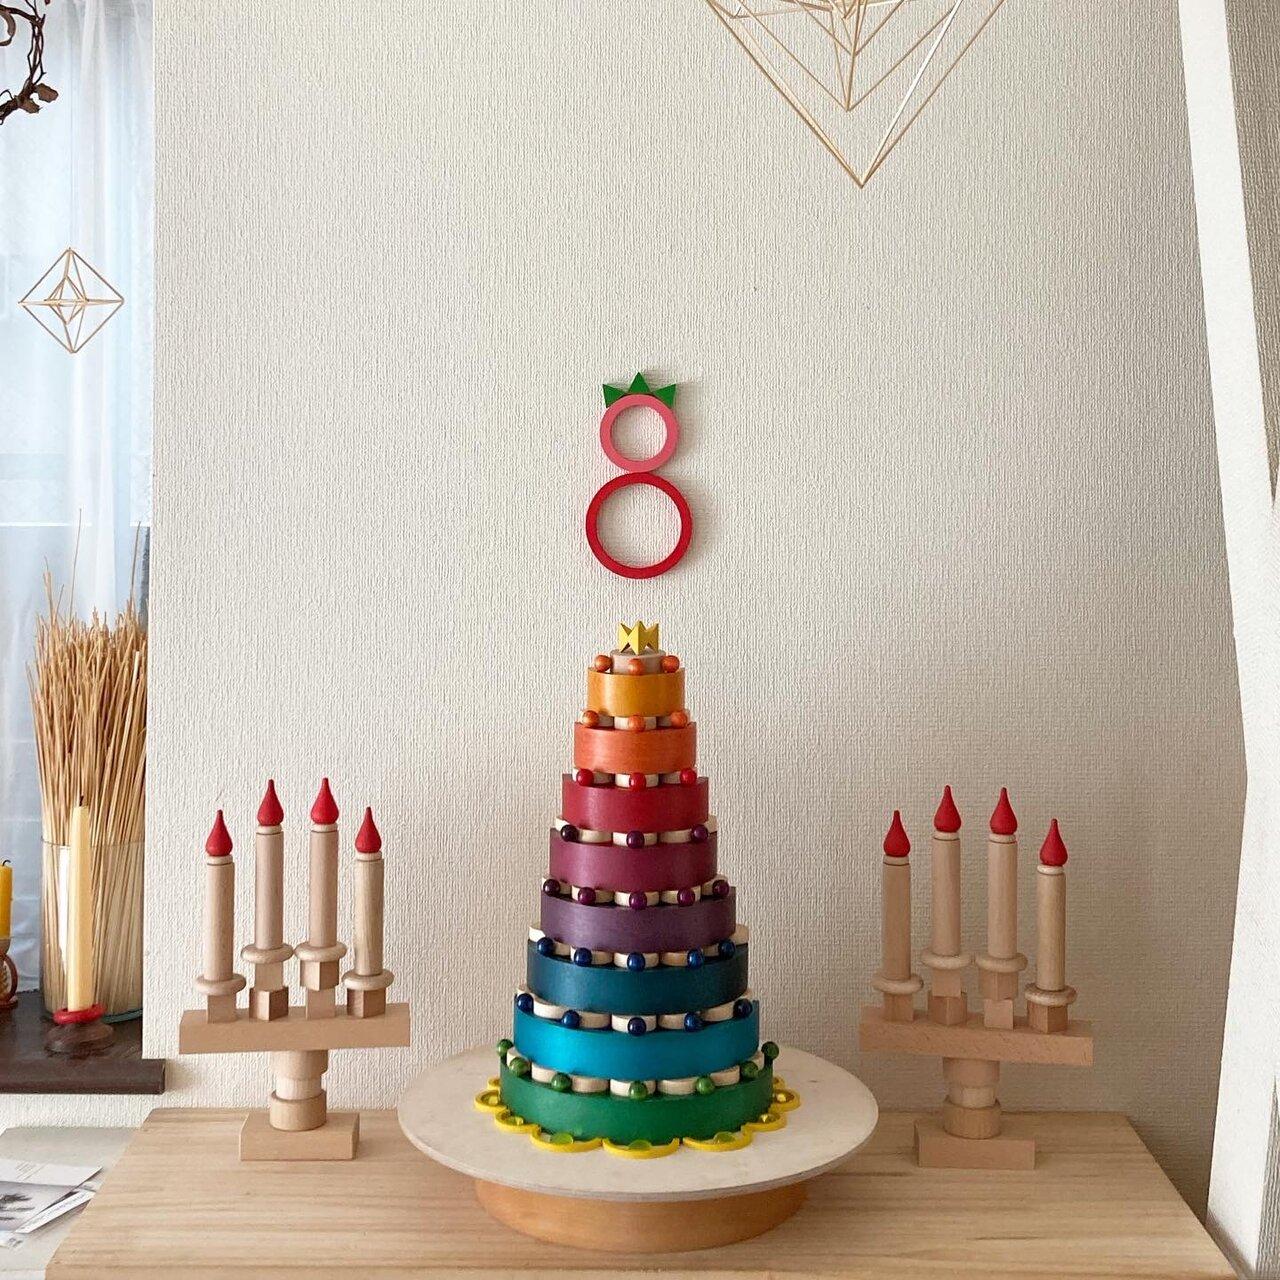 """娘たちの8歳の誕生日に作った積み木のバースデーケーキ。数字も、ケーキも、キャンドルも、複数の積み木を組み合わせて積み上げられた。 <small class=""""font-small"""">写真提供:髙木美晴</small>"""